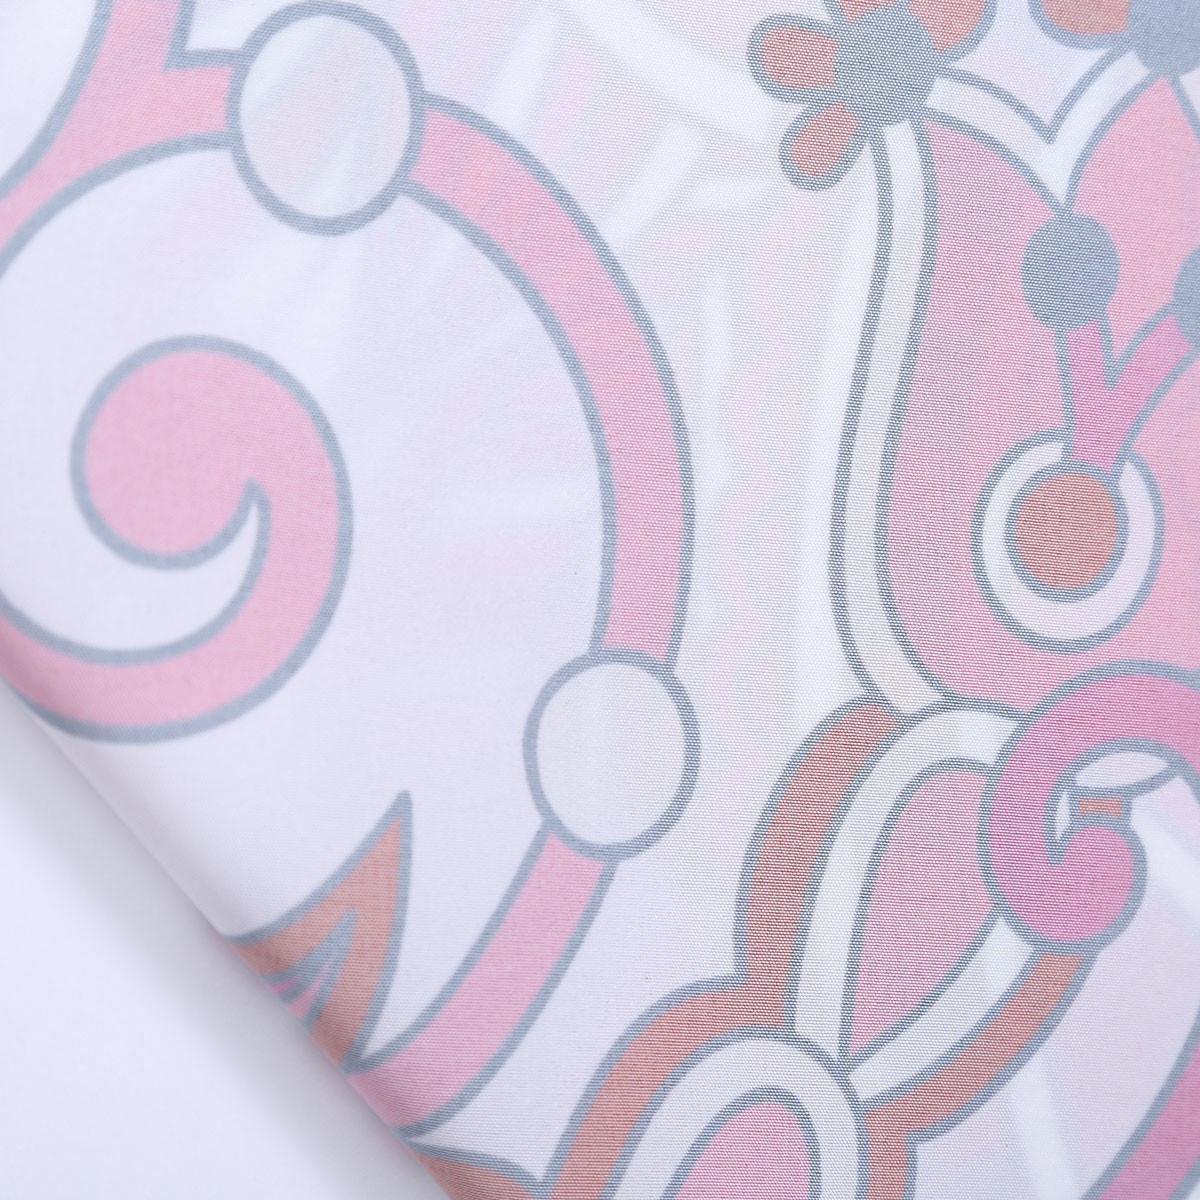 Mandala Tapestry Fabric Round Beach Throw ROSE MADDER 150*150CM